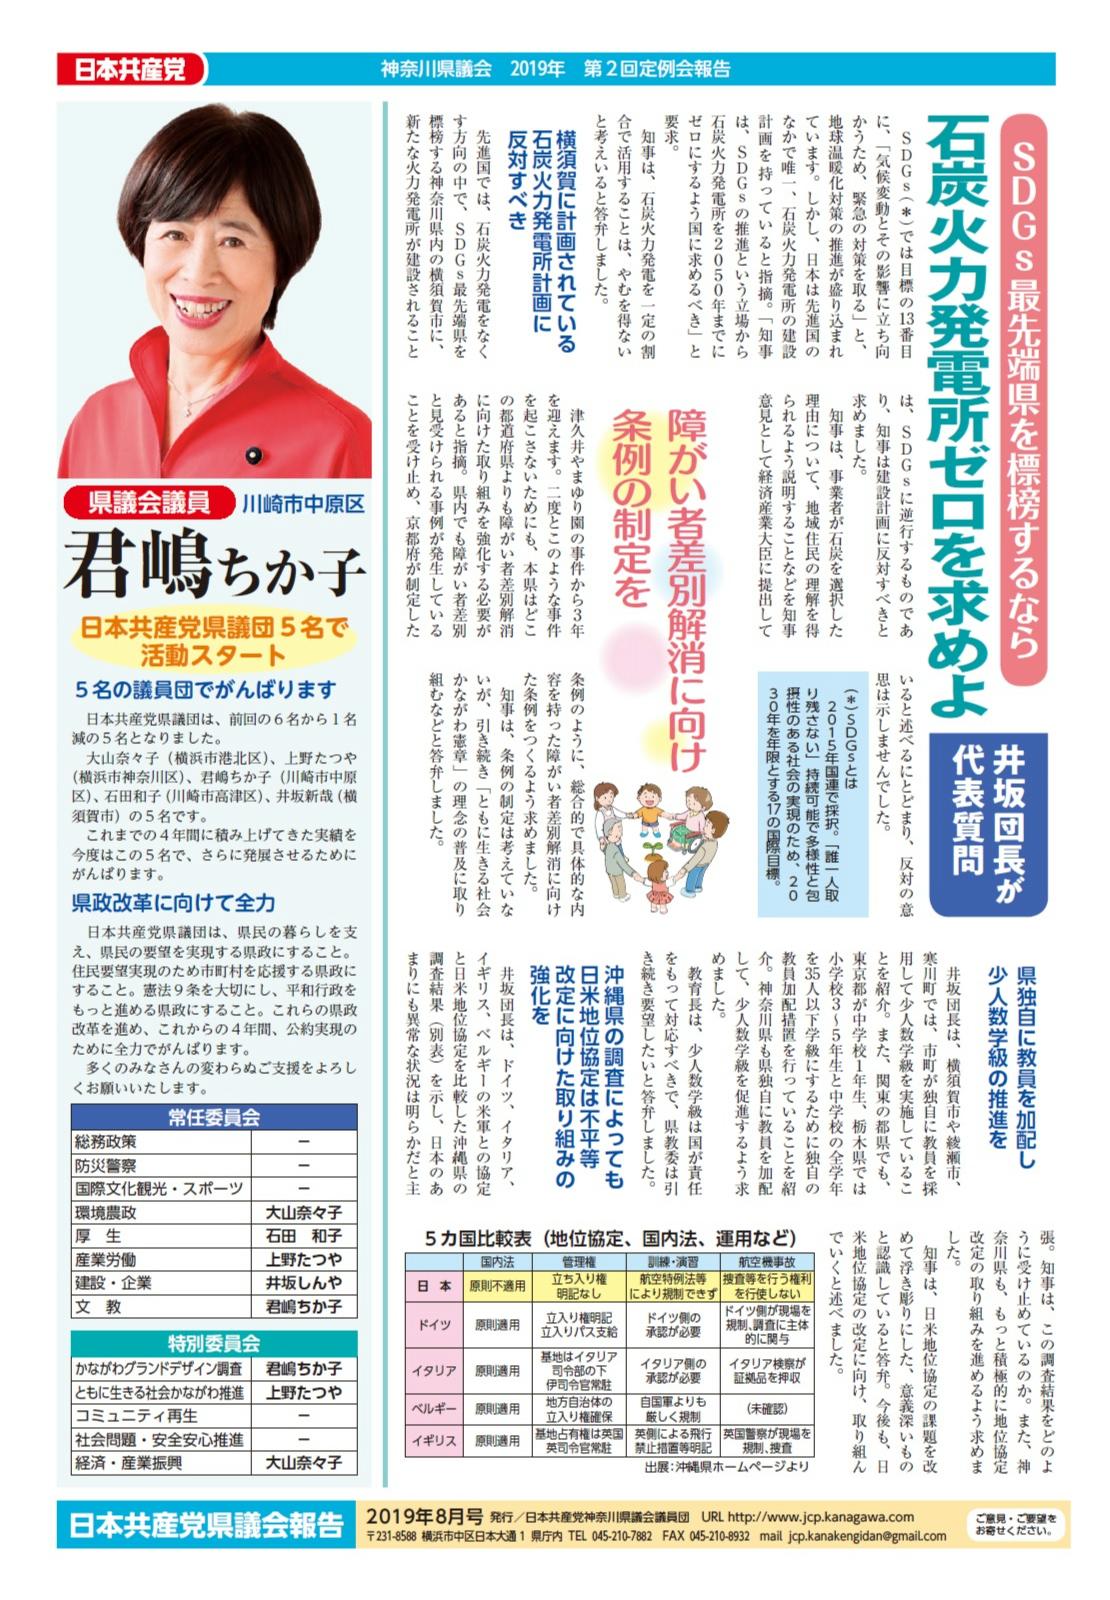 201908県議会報告(表).jpg